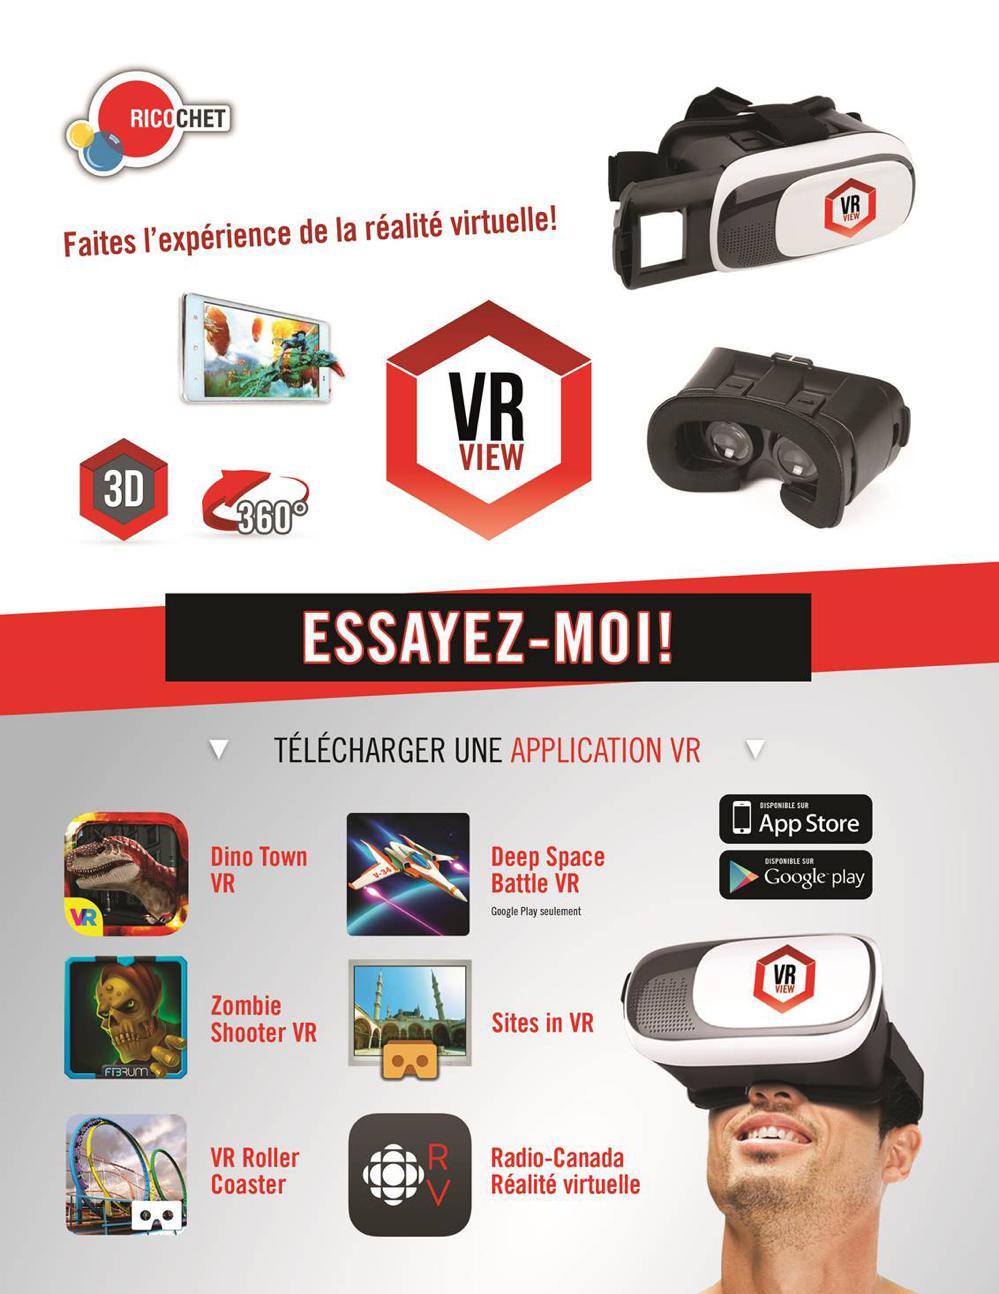 Lunette de réalité virtuelle VR View